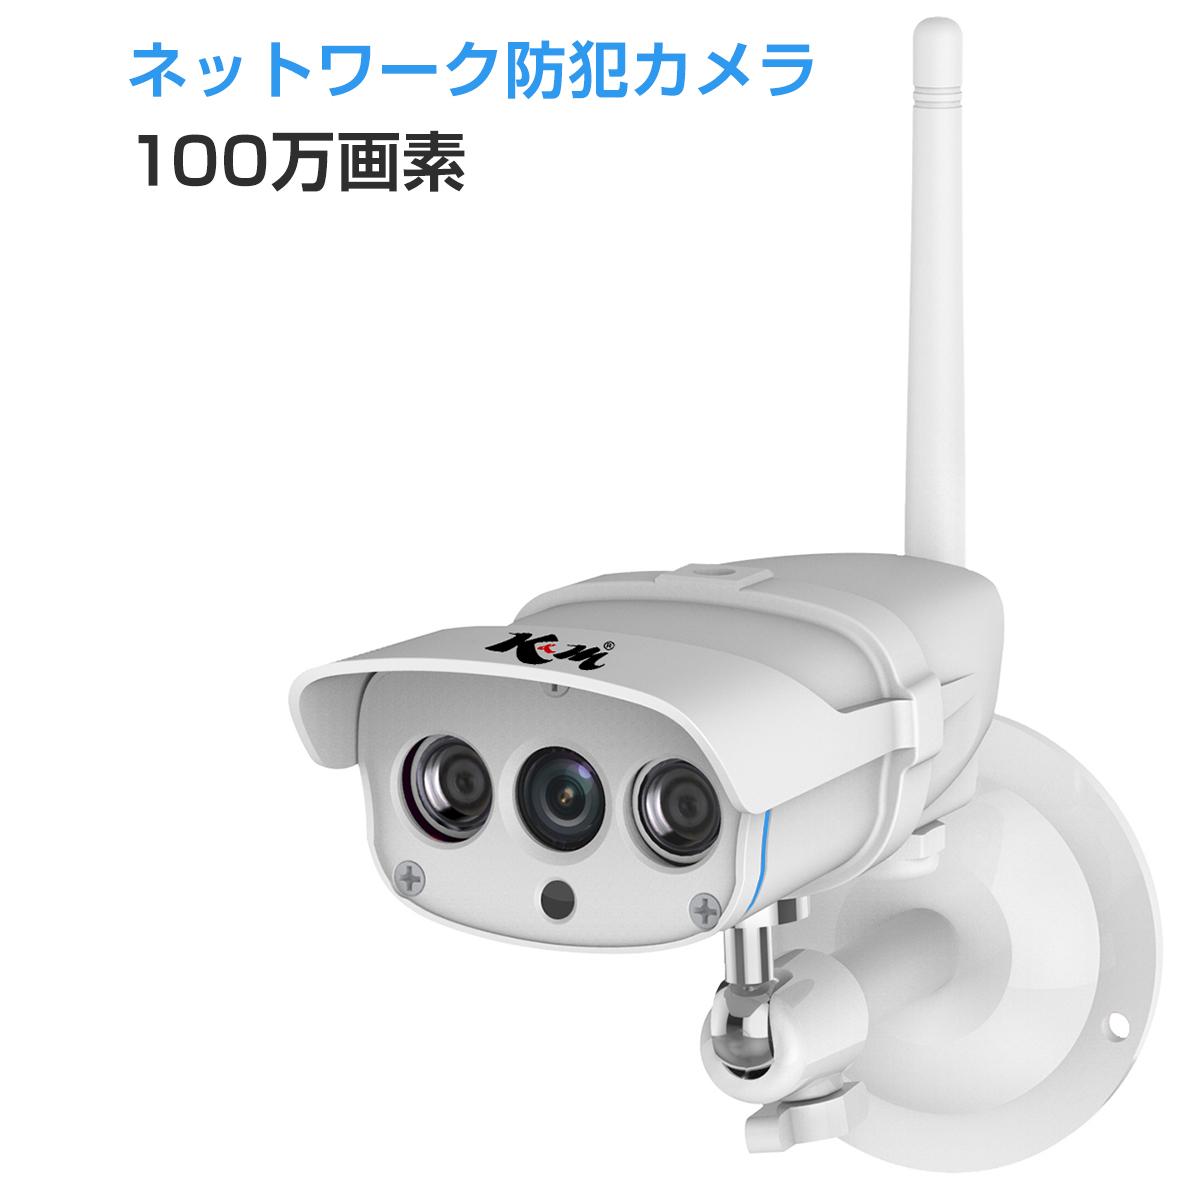 防犯カメラ 100万画素 C7816 ペットモニター VStarcam ワイヤレス 無線WIFI MicroSDカード録画 LANケーブルなくても電源繋ぐだけ 屋外用 監視 ネットワーク IP WEB カメラ 動体検知 宅配便送料無料 PSE 技適 1年保証 K&M